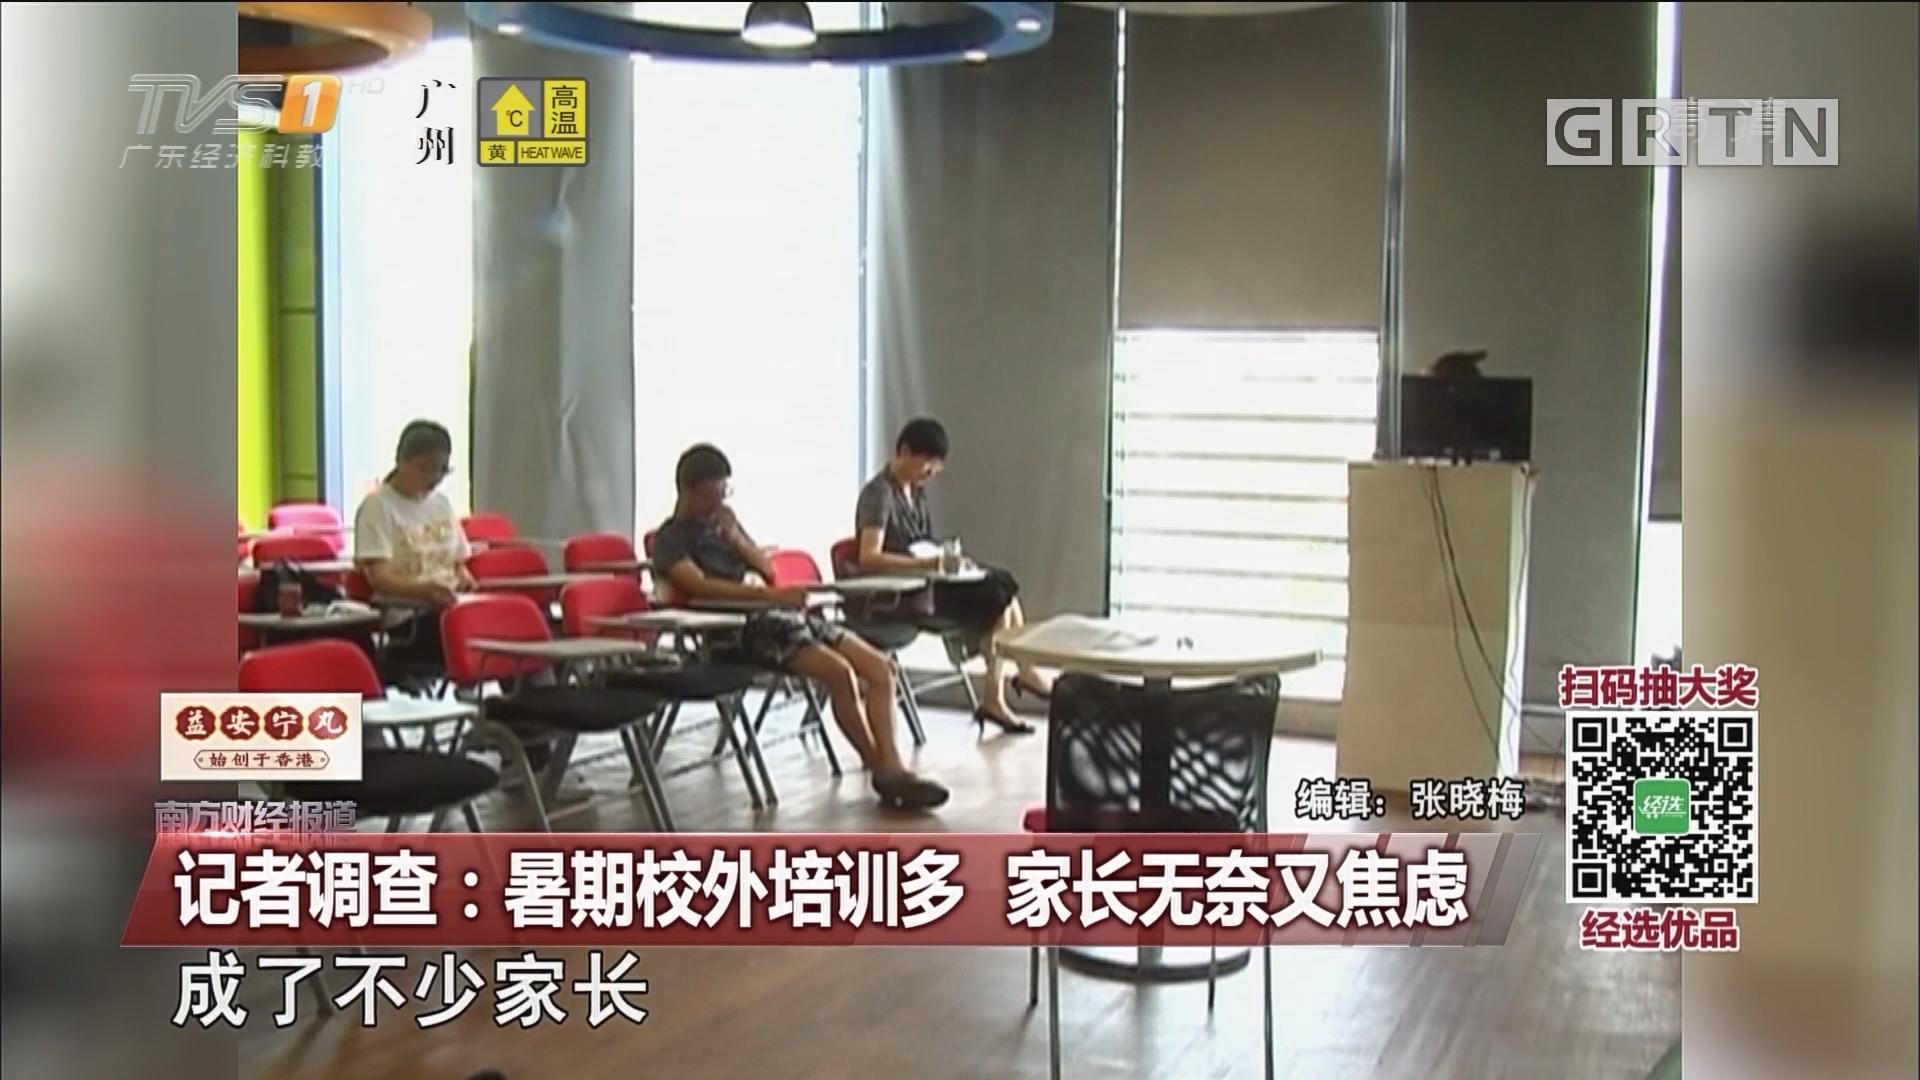 记者调查:暑期校外培训多 家长无奈又焦虑